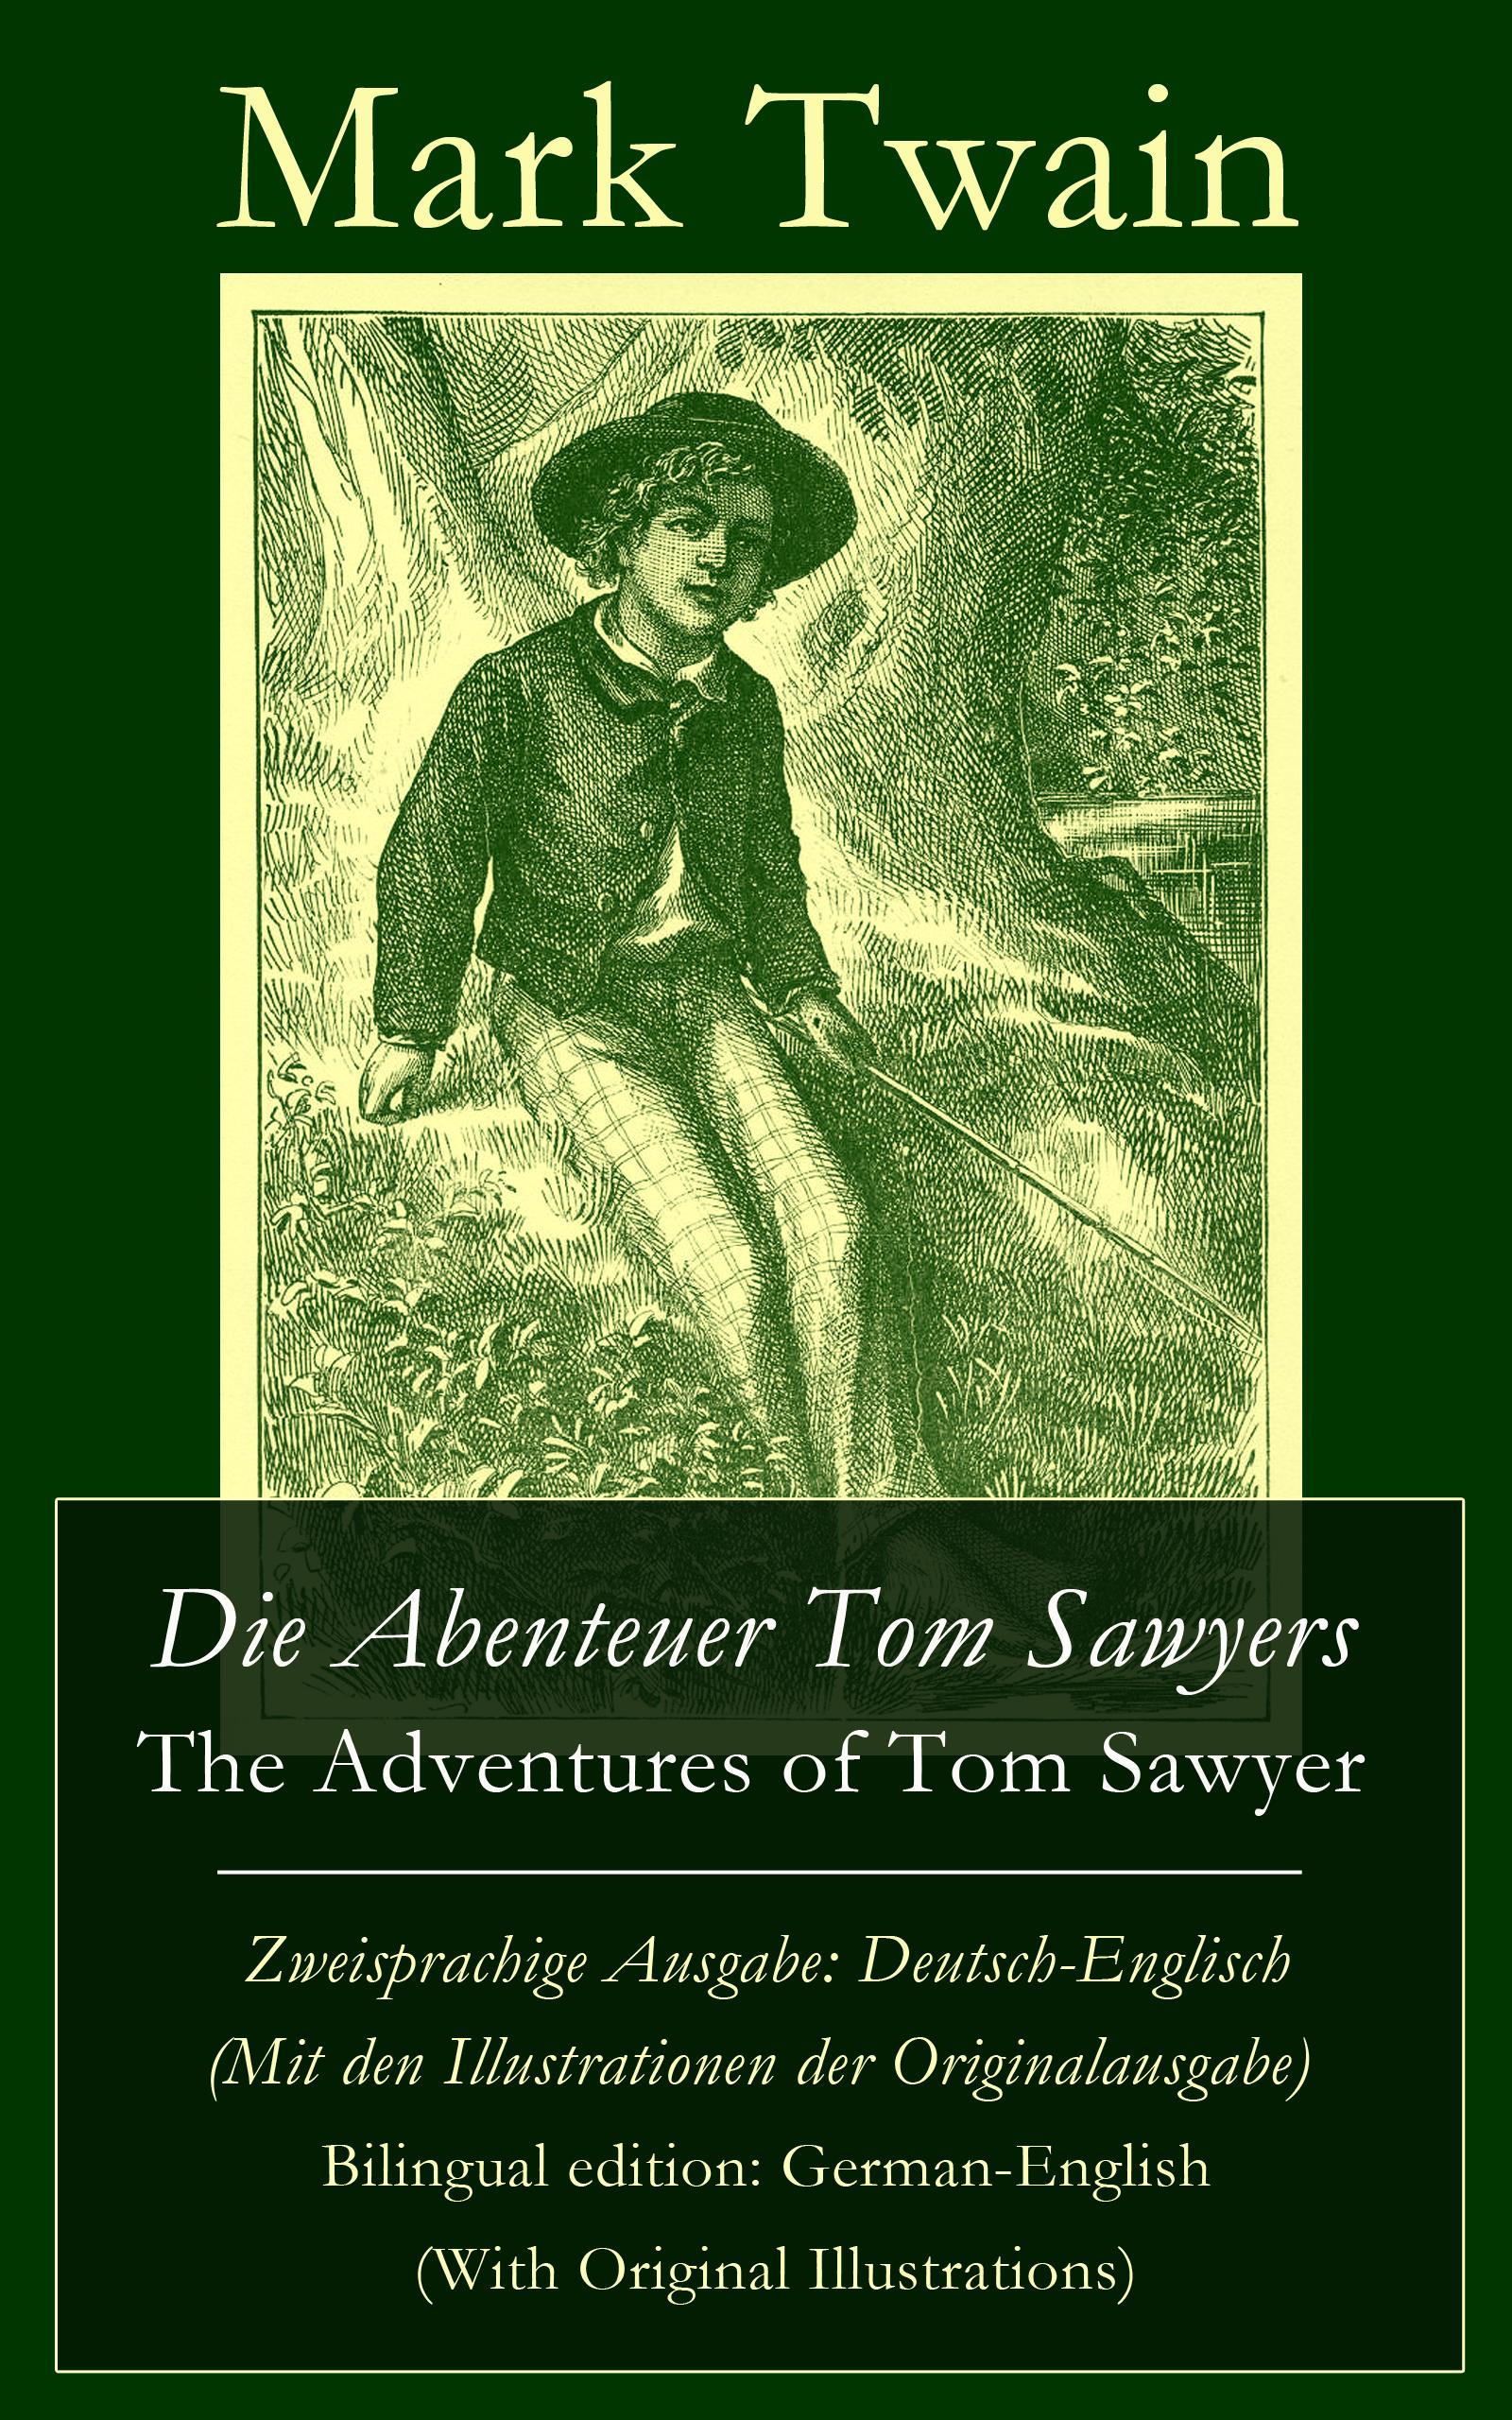 цена Марк Твен Die Abenteuer Tom Sawyers / The Adventures of Tom Sawyer - Zweisprachige Ausgabe: Deutsch-Englisch (Mit den Illustrationen der Originalausgabe) / Bilingual edition: German-English (With Original Illustrations) онлайн в 2017 году